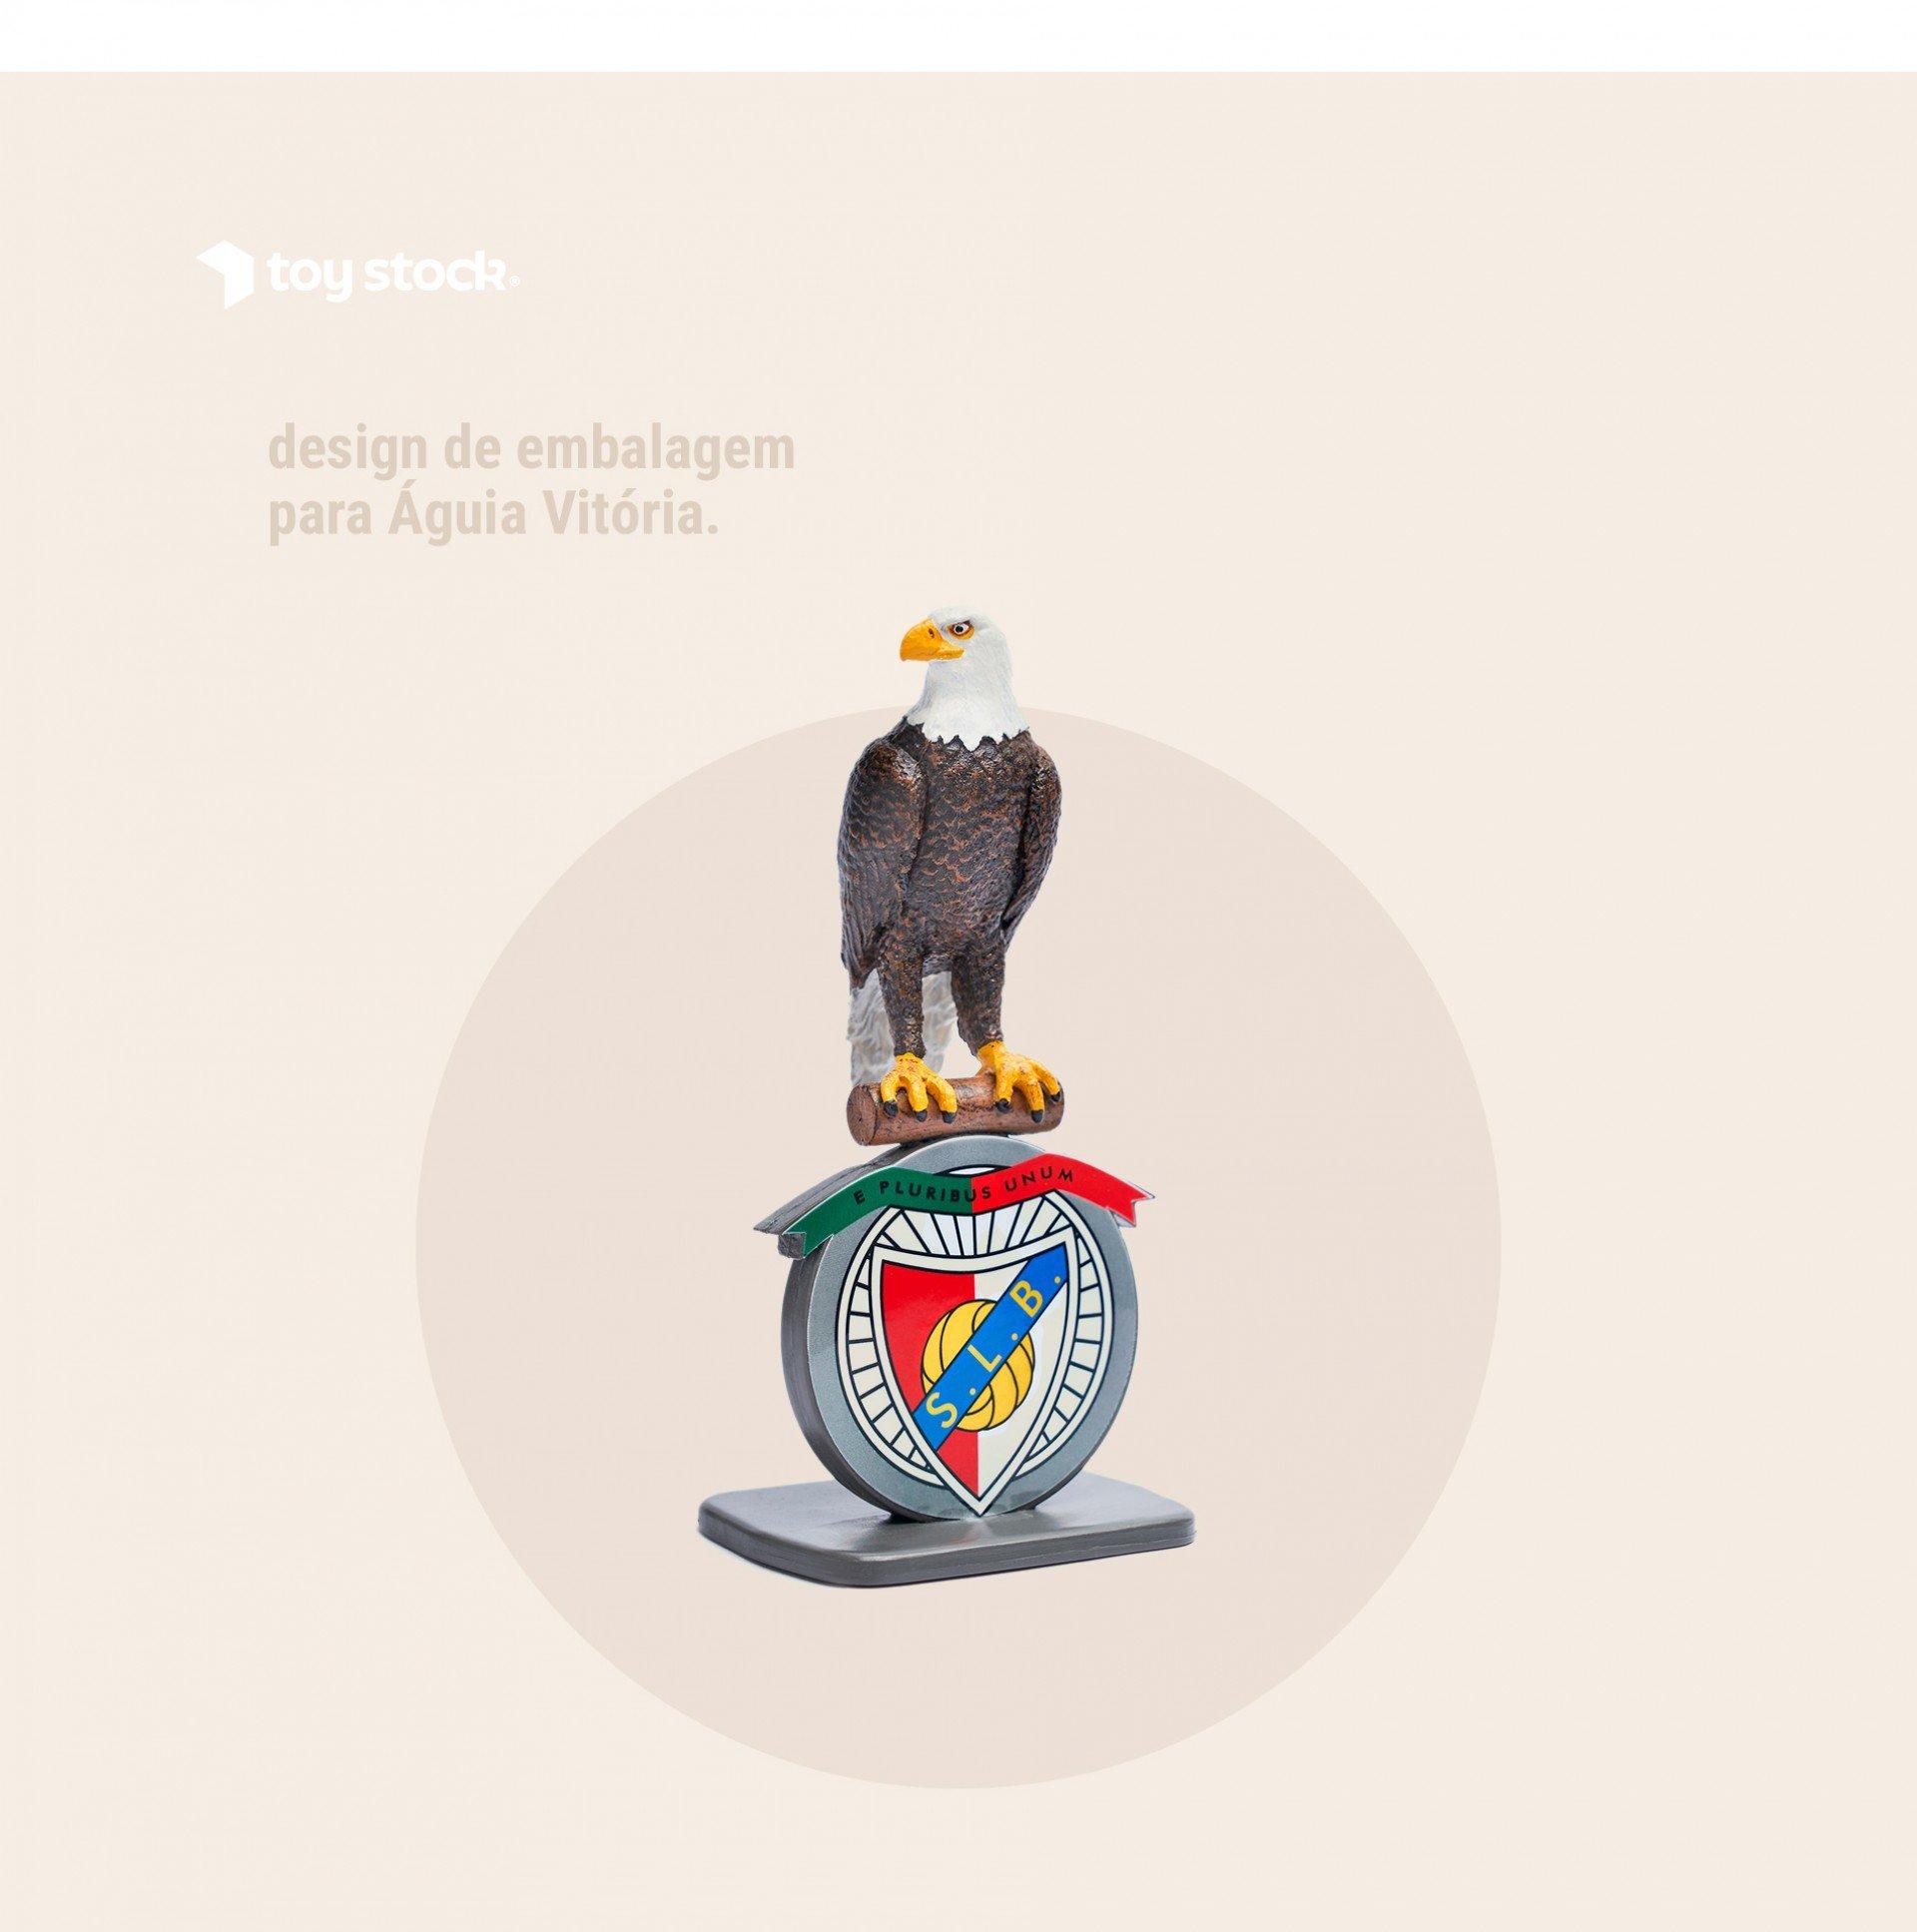 Design Embalagem Águia Vitória